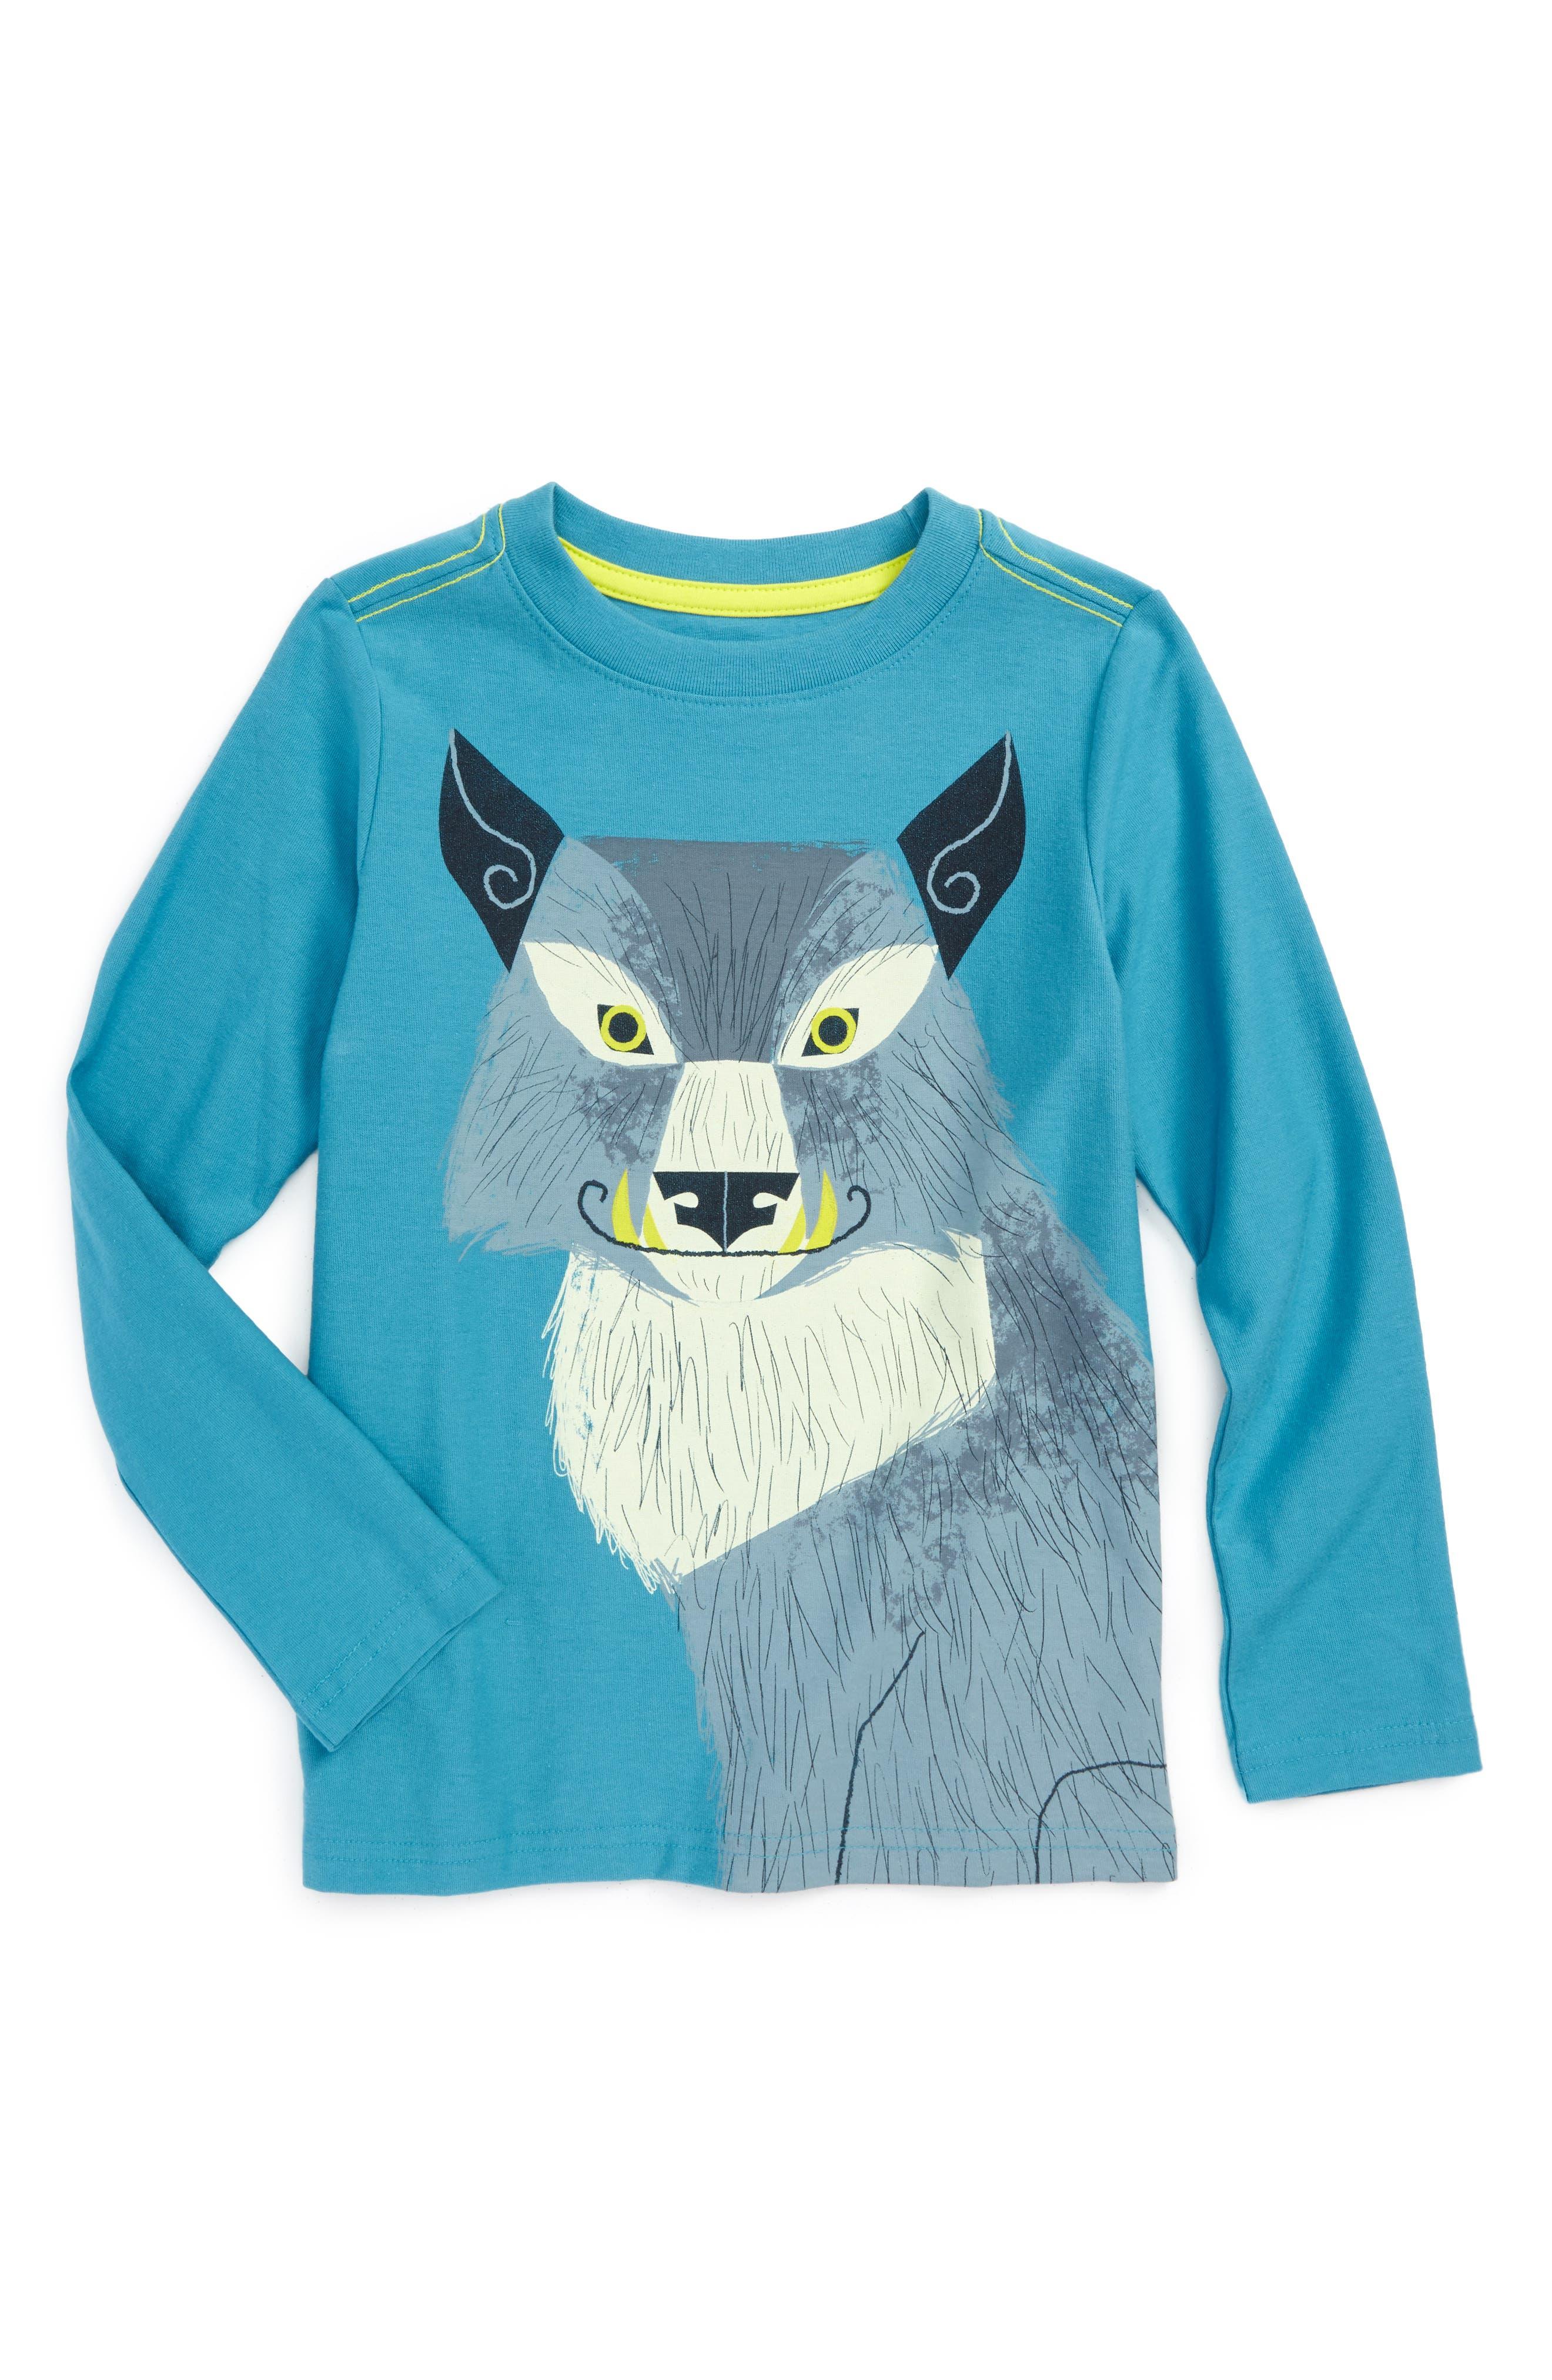 Wulver Graphic T-Shirt,                             Main thumbnail 1, color,                             400